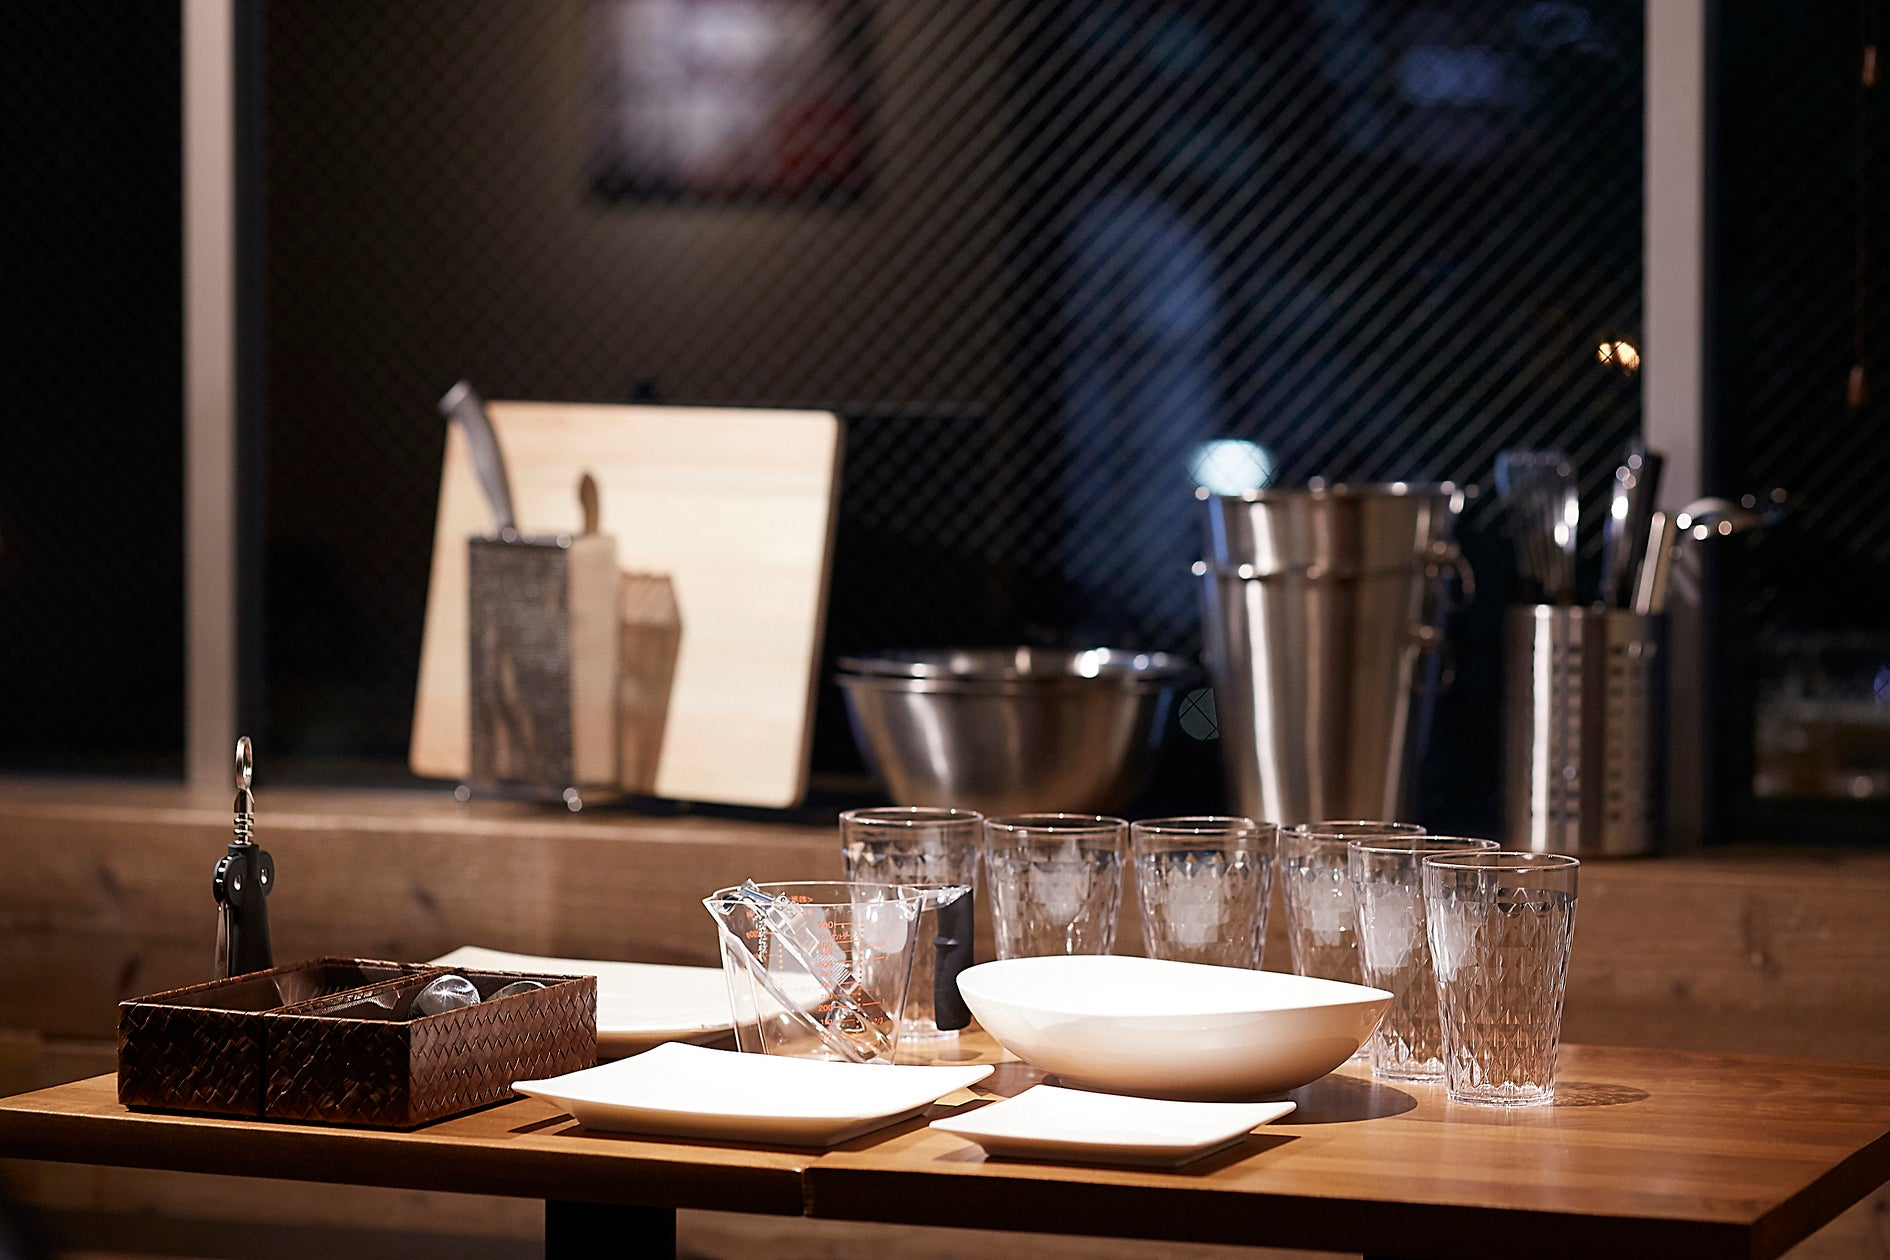 【新宿駅5分】Mace西新宿【本格キッチン付き!パーティー・女子会・ママ会にお勧め♪】 のサムネイル